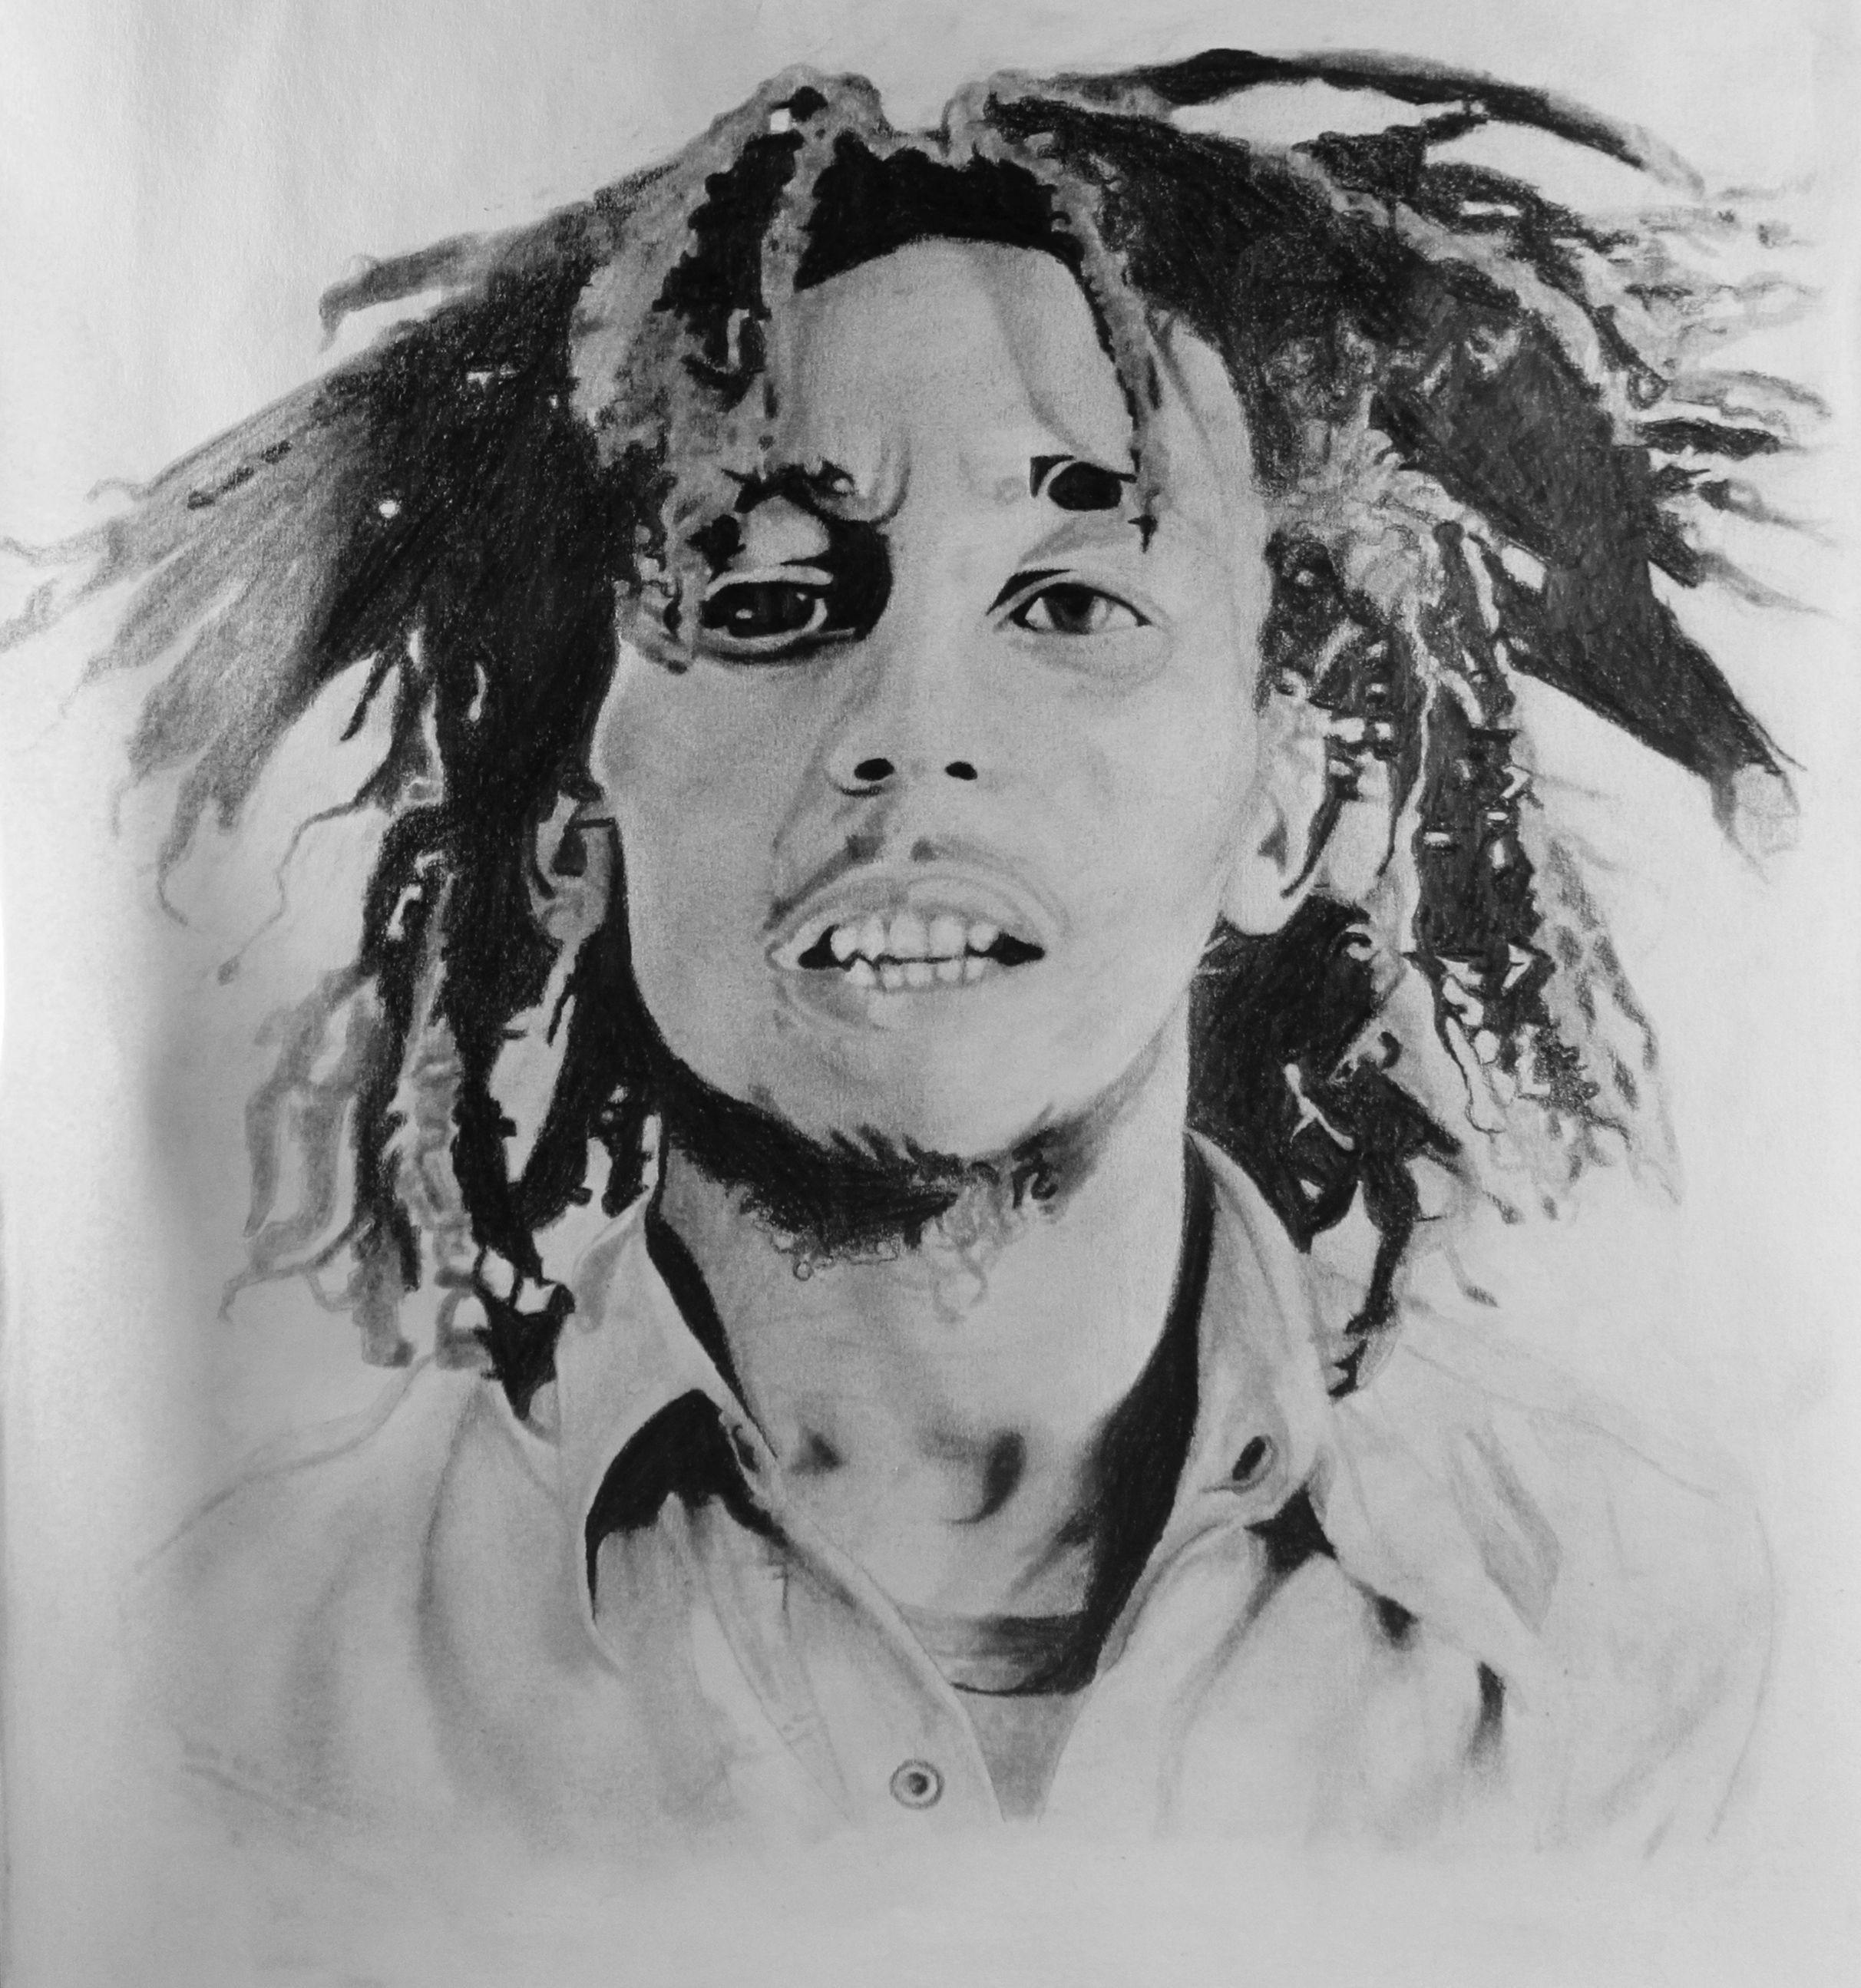 bob marley / drawing / portrait / realism / pencil